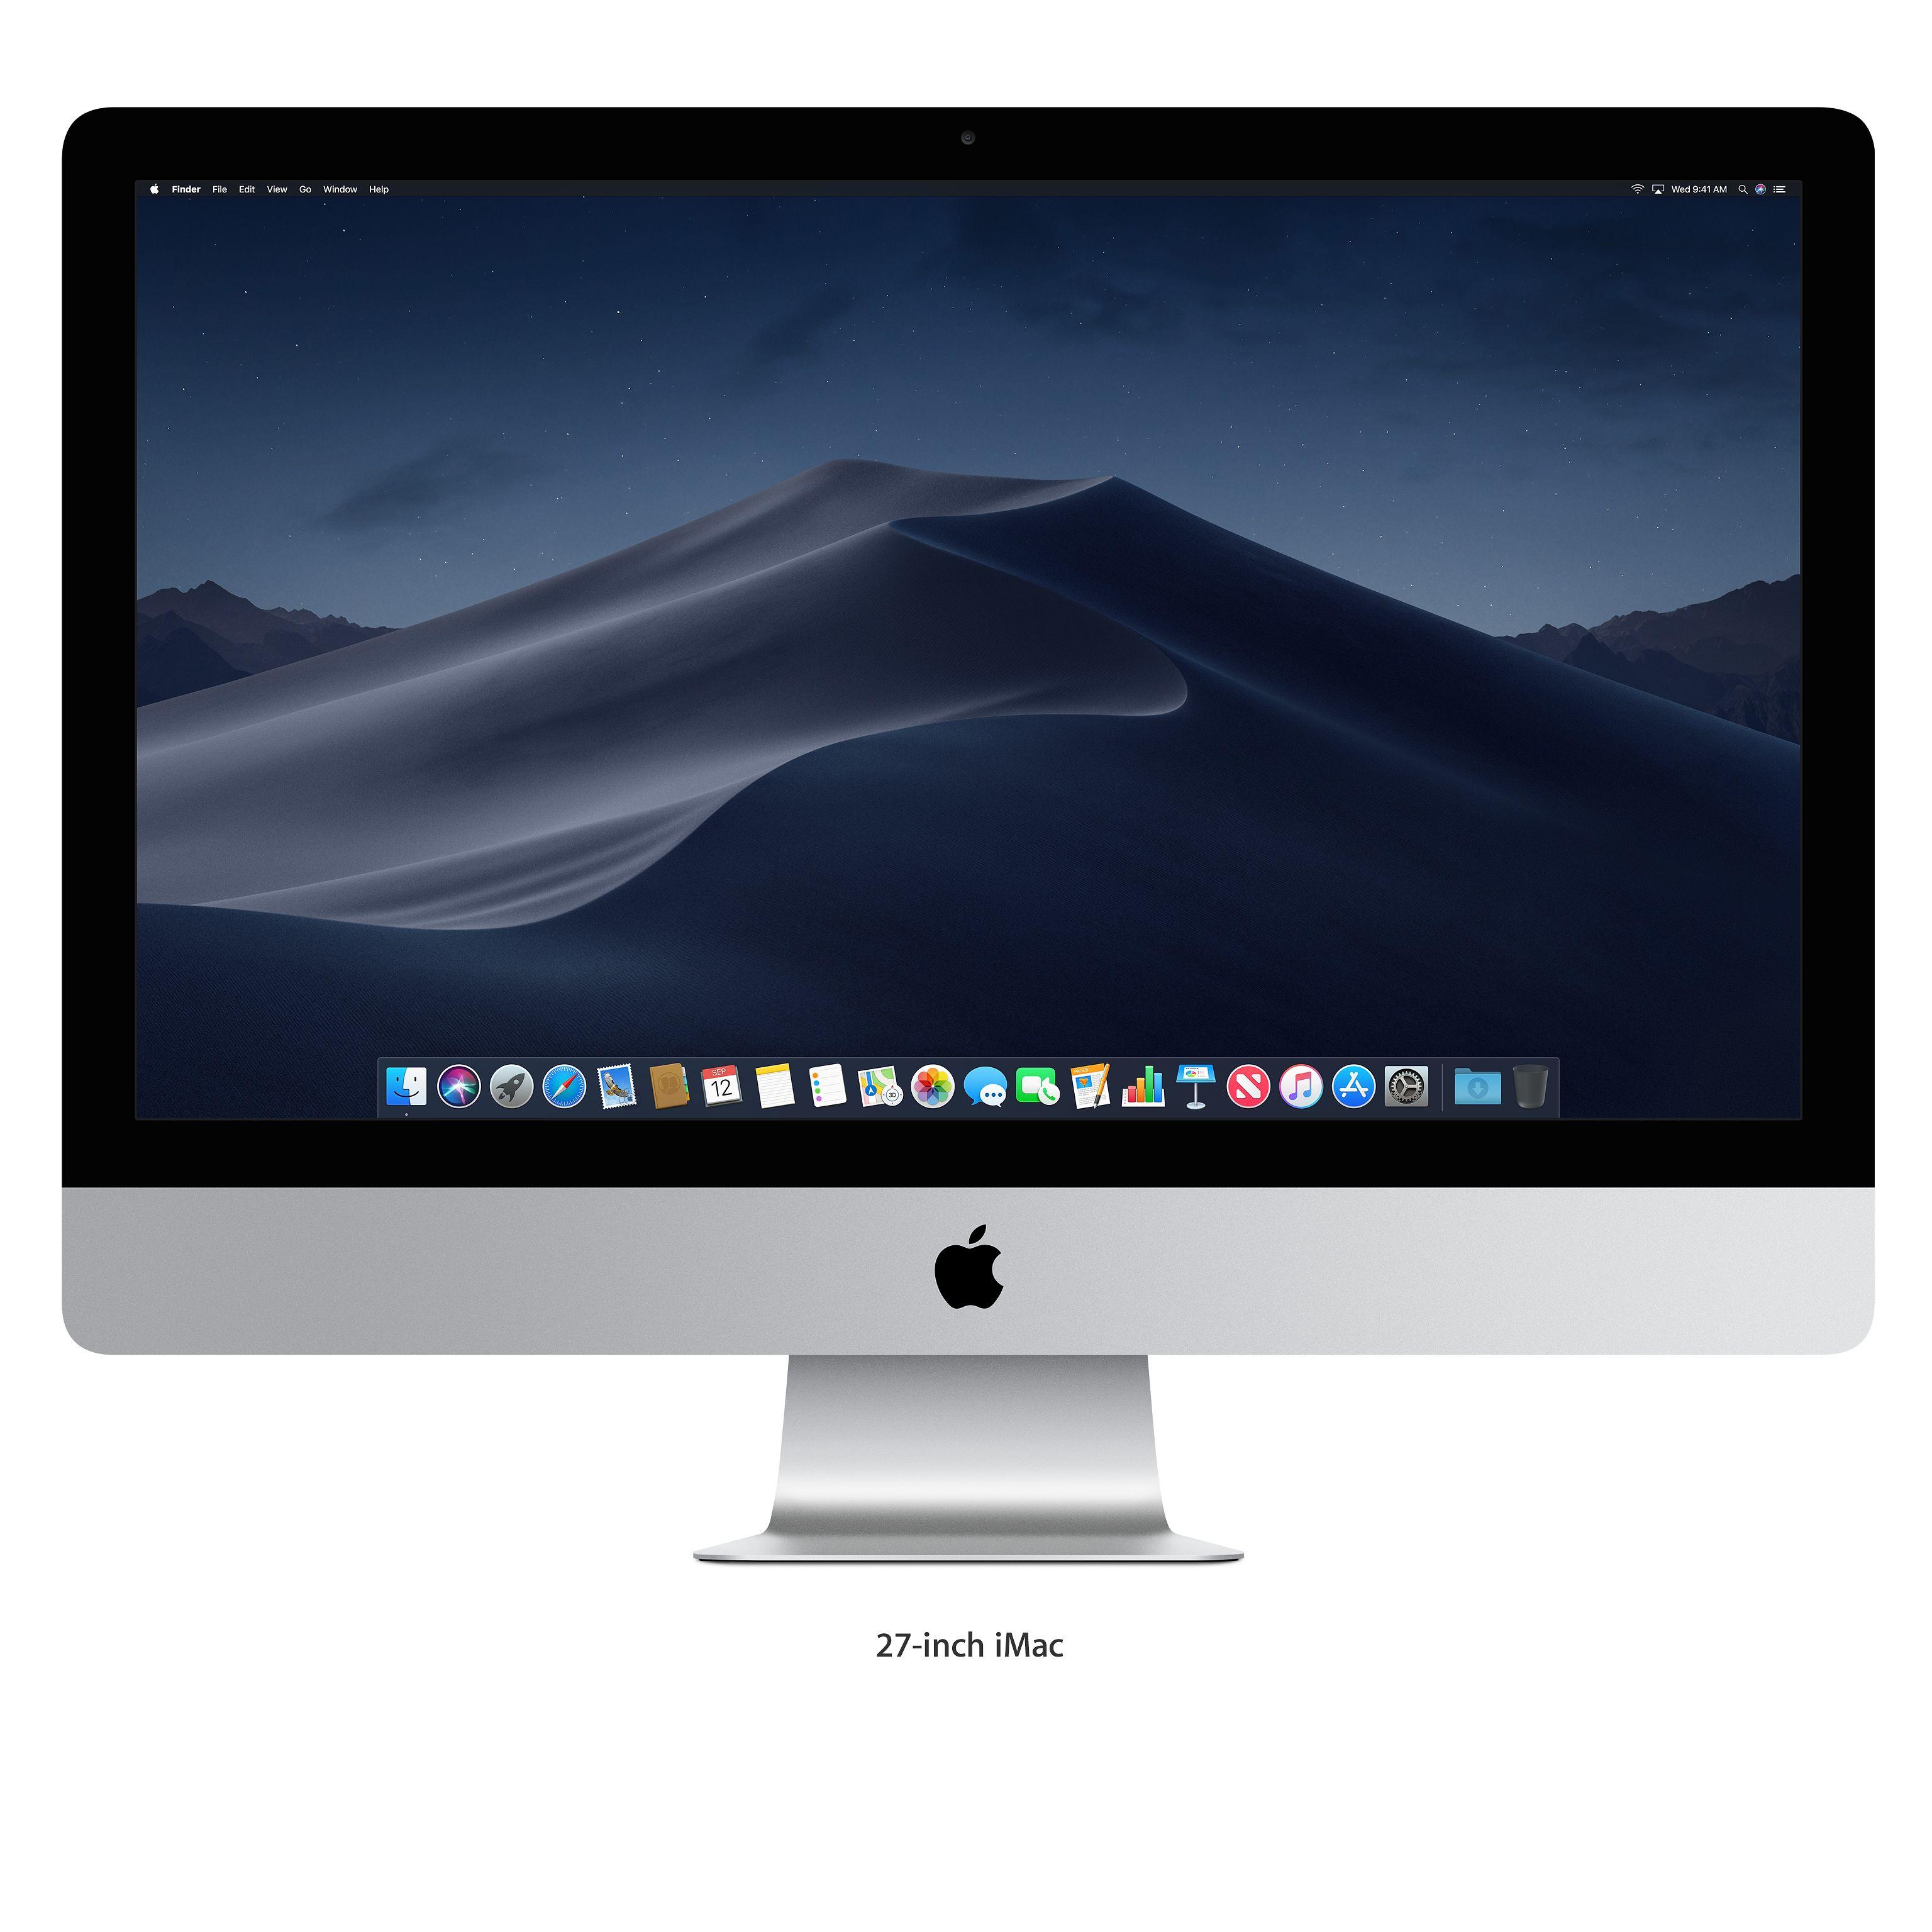 MRQY2 - iMac 27″ 2019 RETINA 5K – NEW 100%